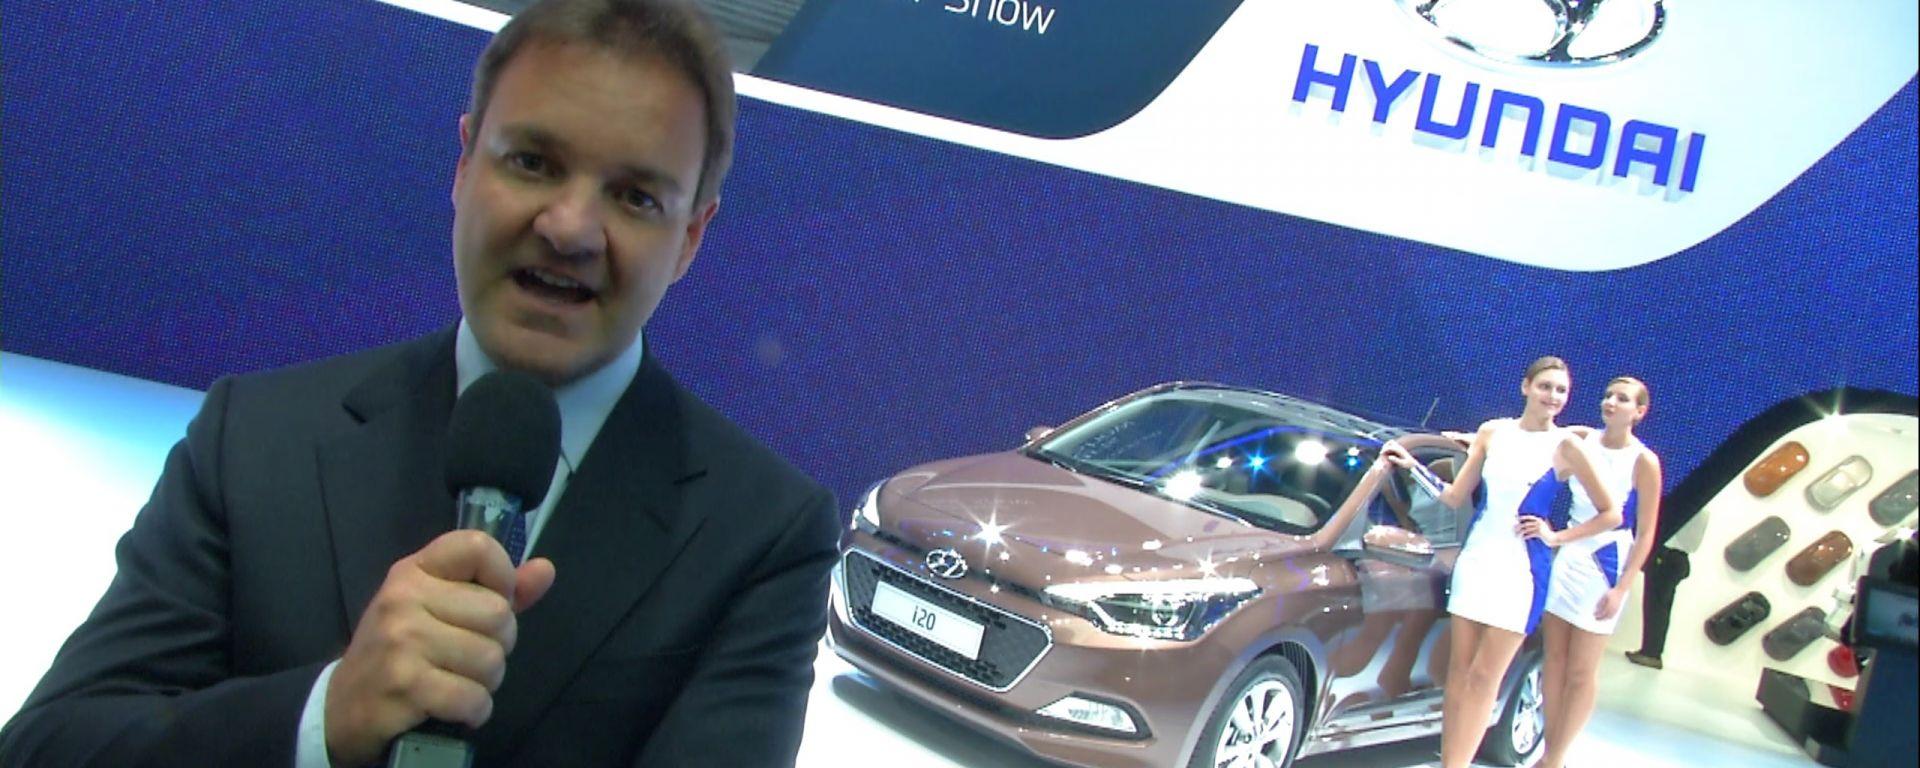 Salone di Parigi 2014, lo stand Hyundai